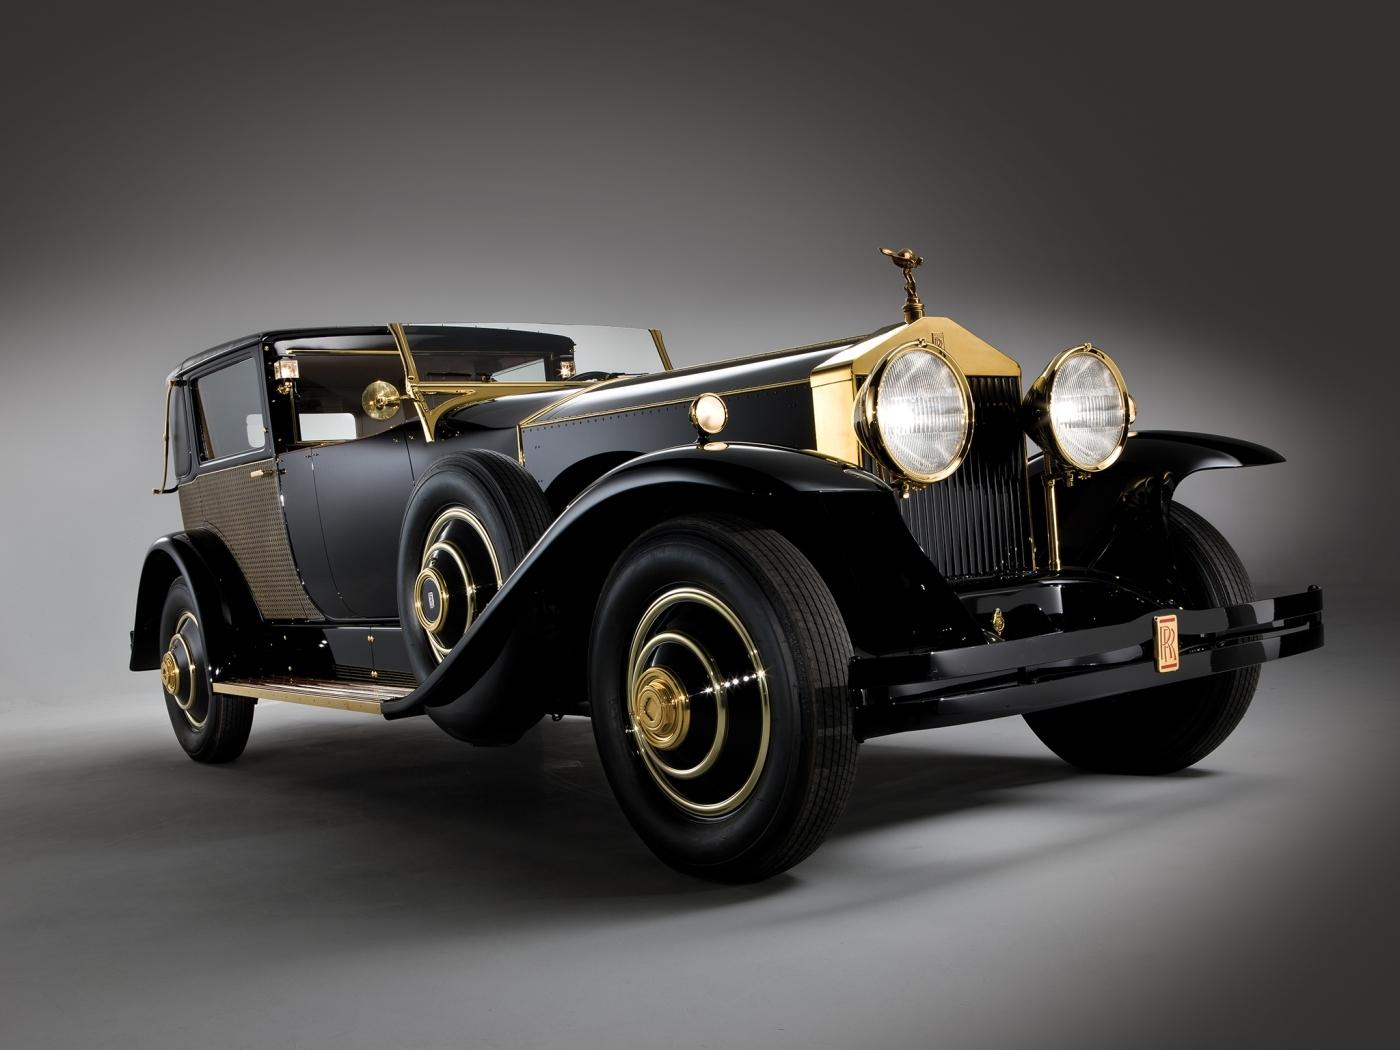 25012 скачать обои Транспорт, Машины, Ролс Ройс (Rolls-Royce) - заставки и картинки бесплатно